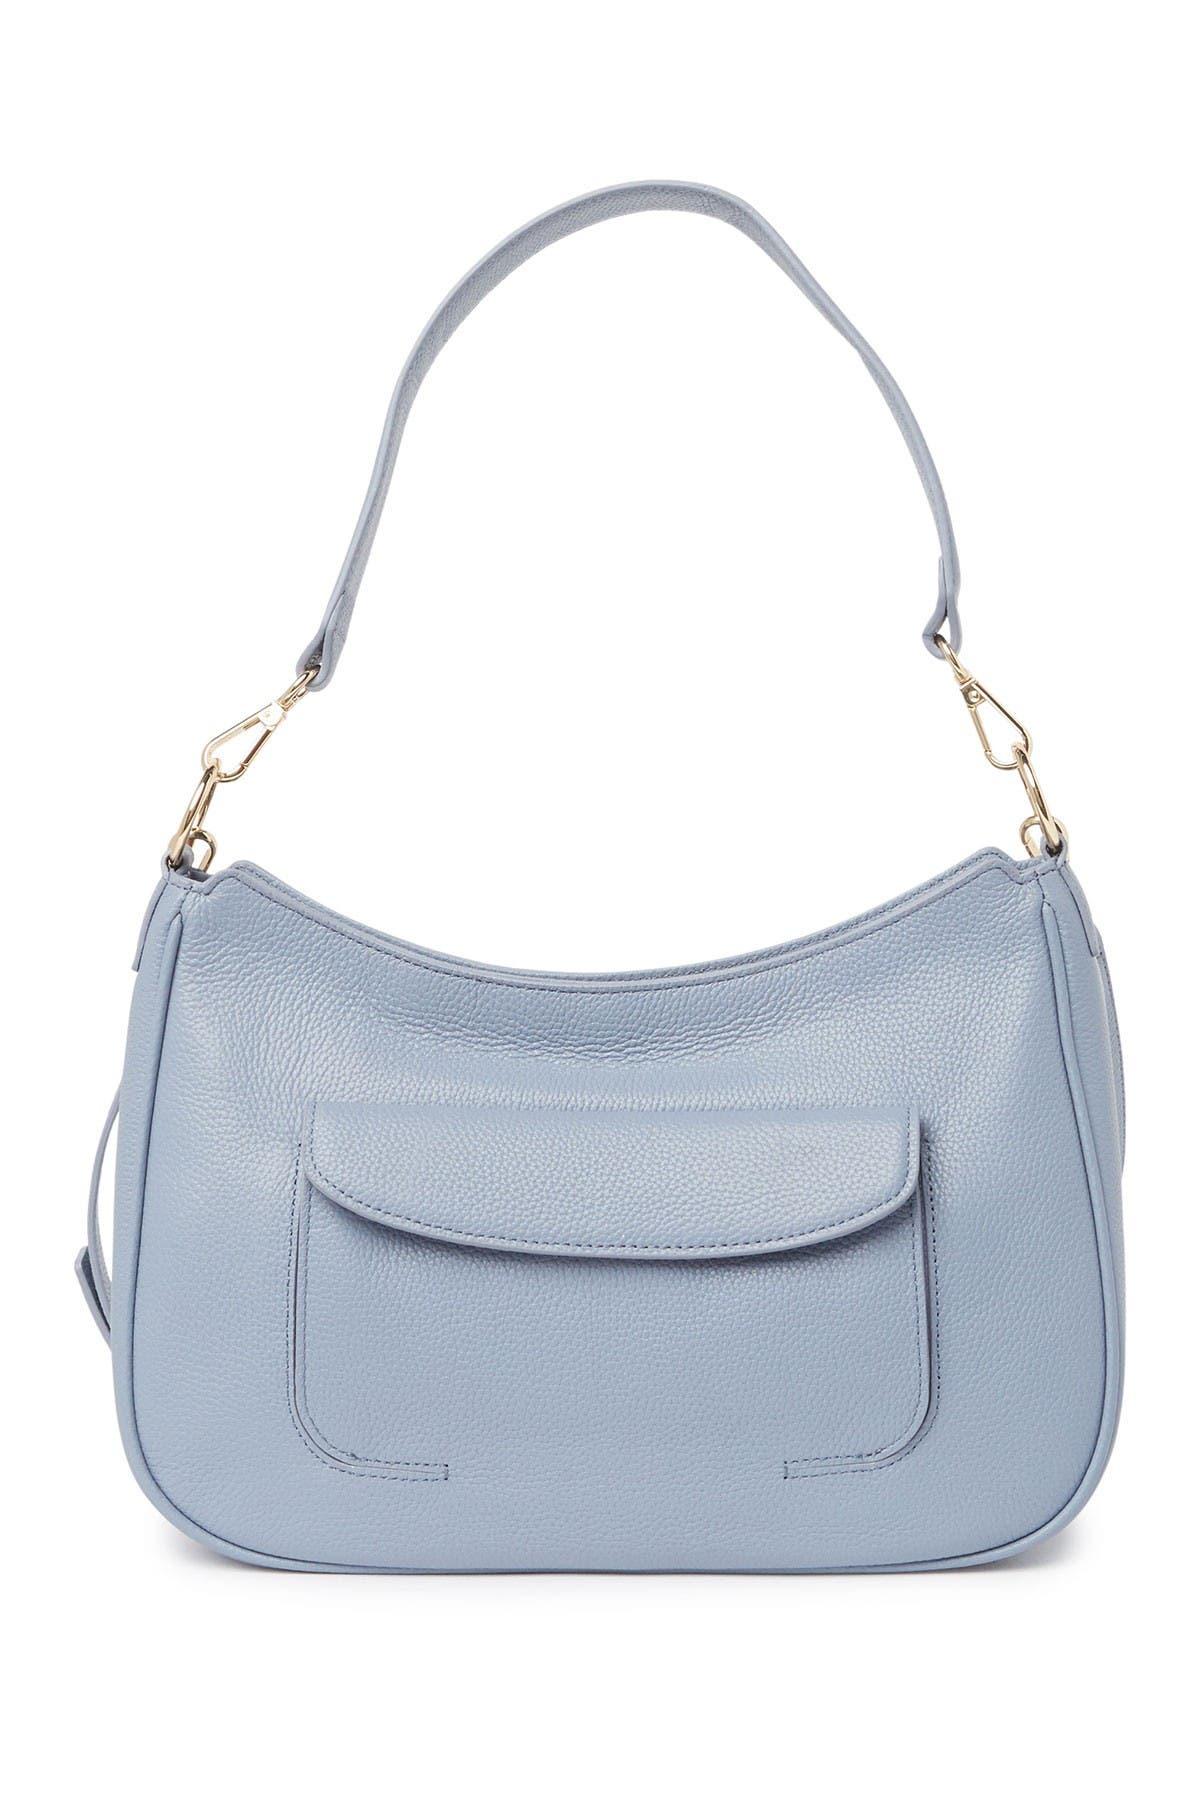 Image of Nordstrom Finn Leather Hobo Bag